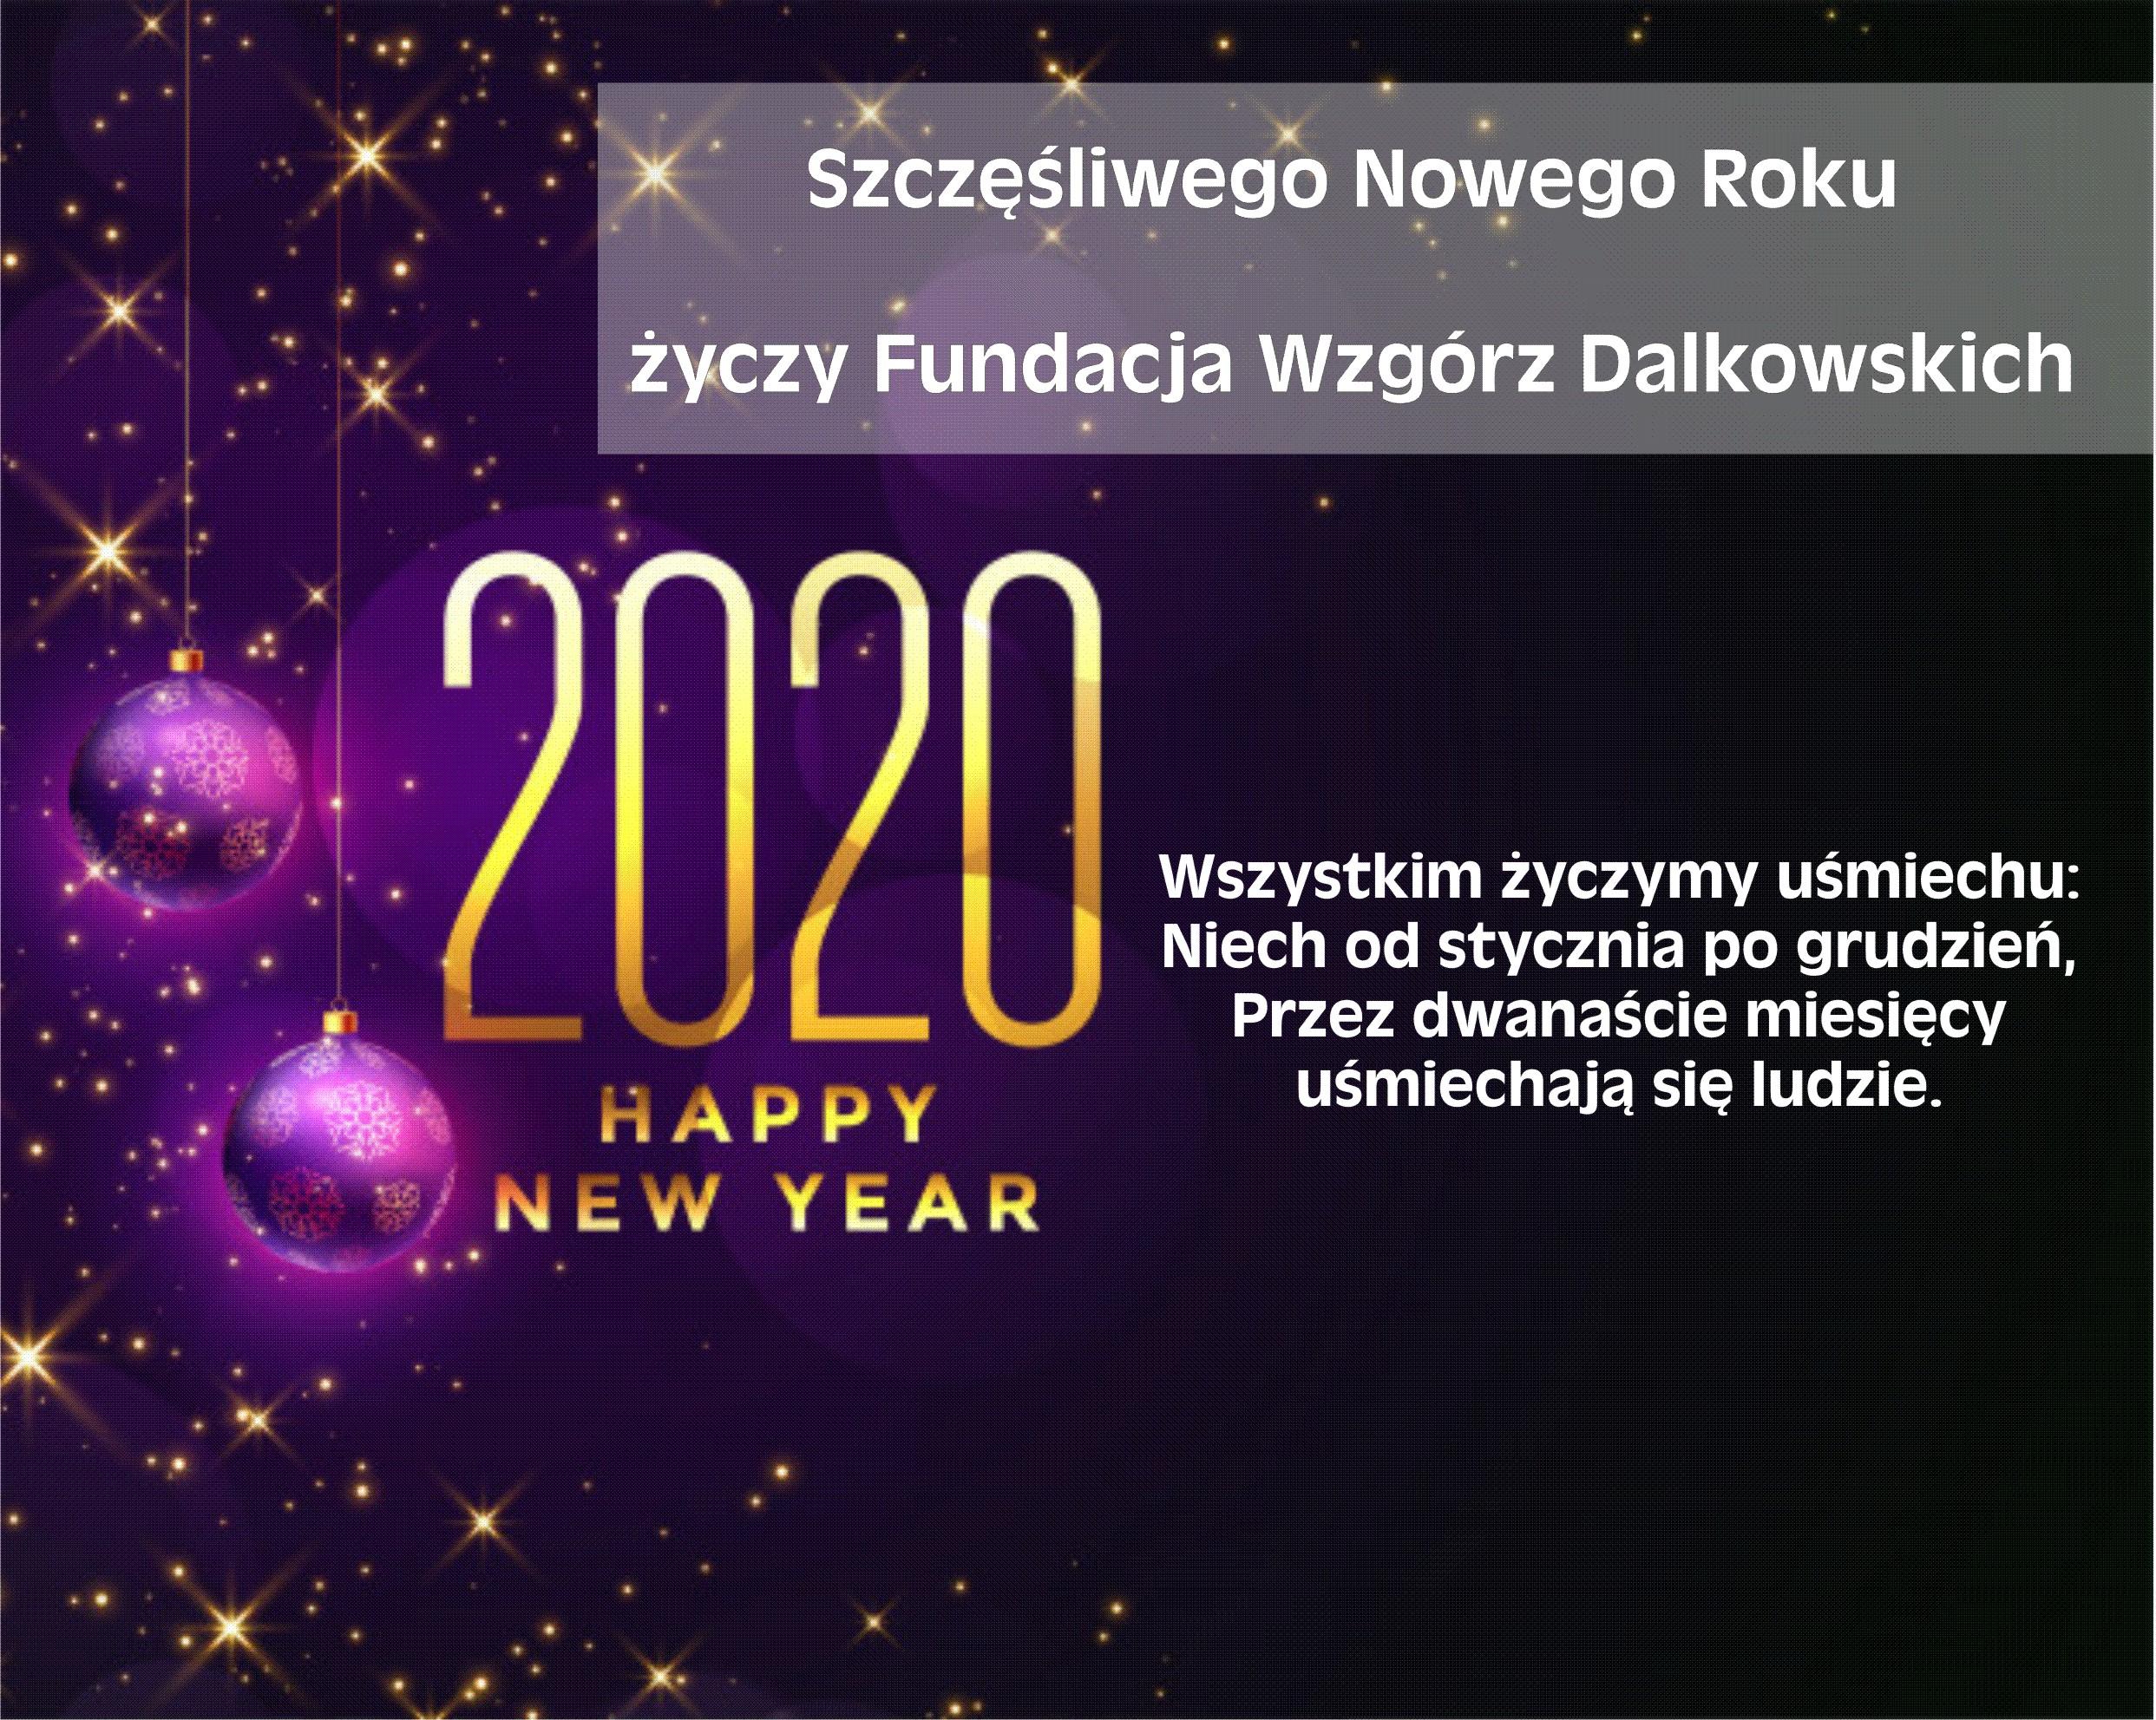 Wszystkiego Dobrego w nowym roku 2020